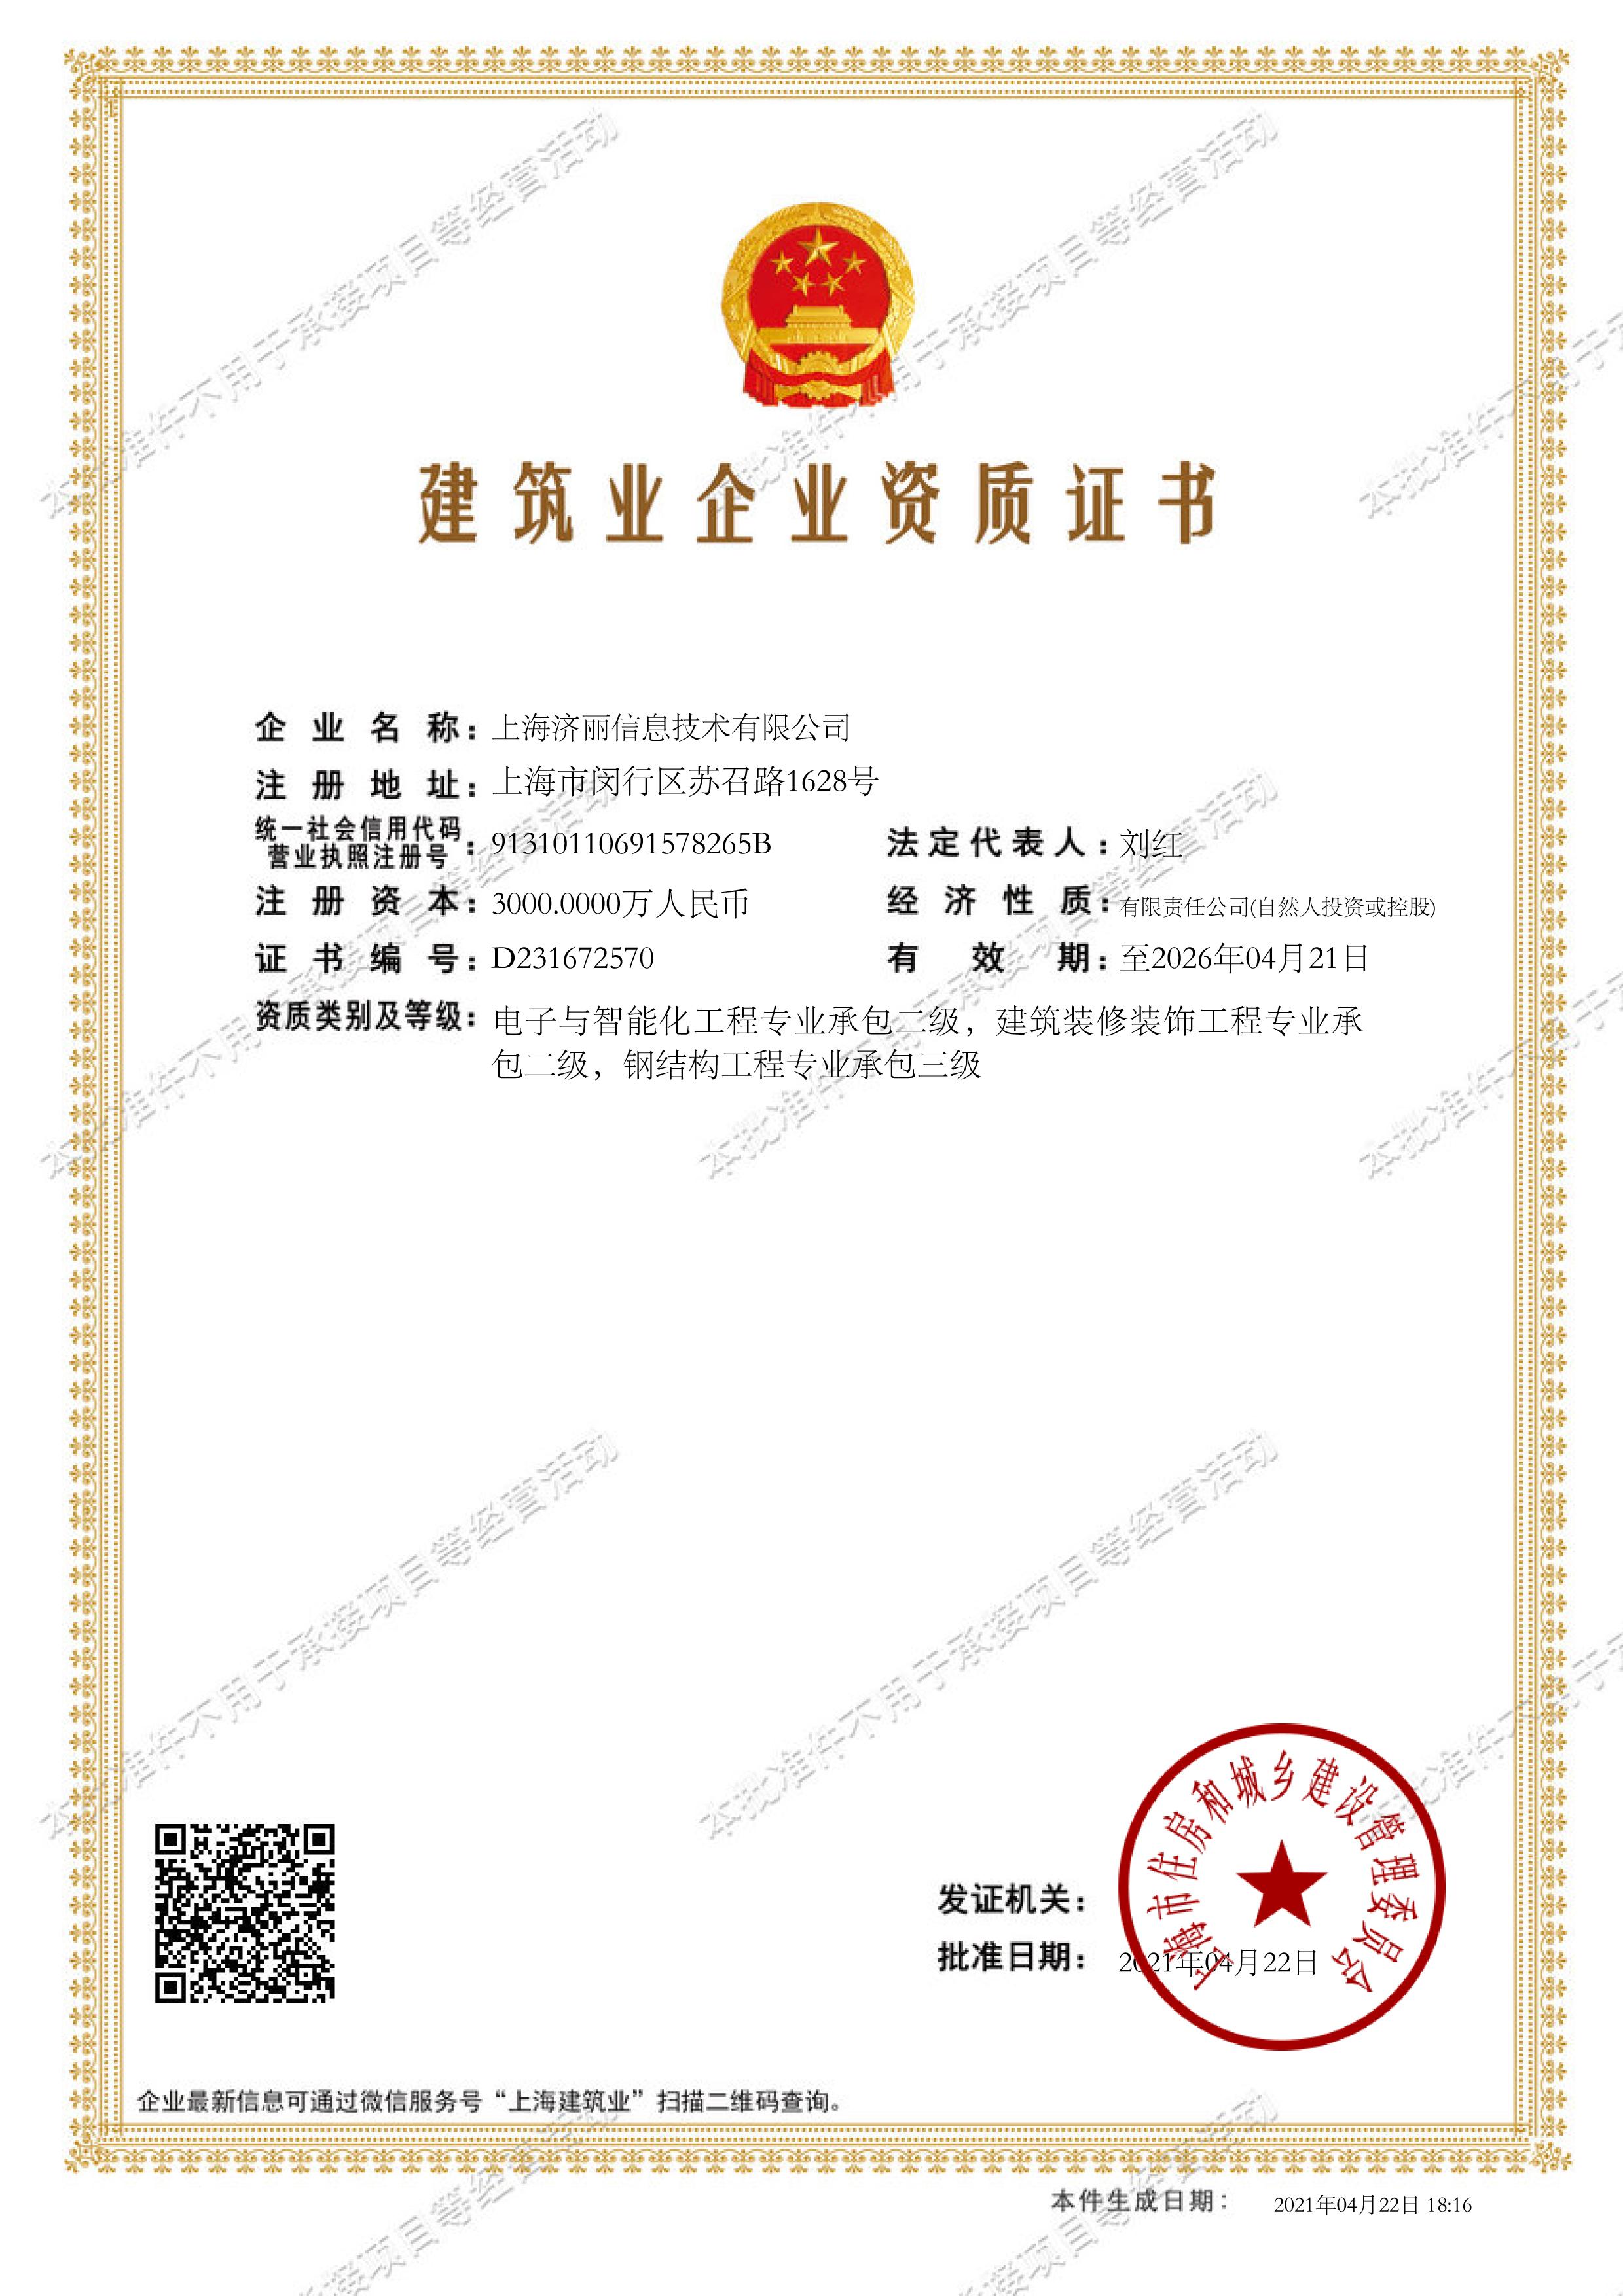 上海济丽信息技术有限公司建筑业企业资质证书-20210422181654719.jpg